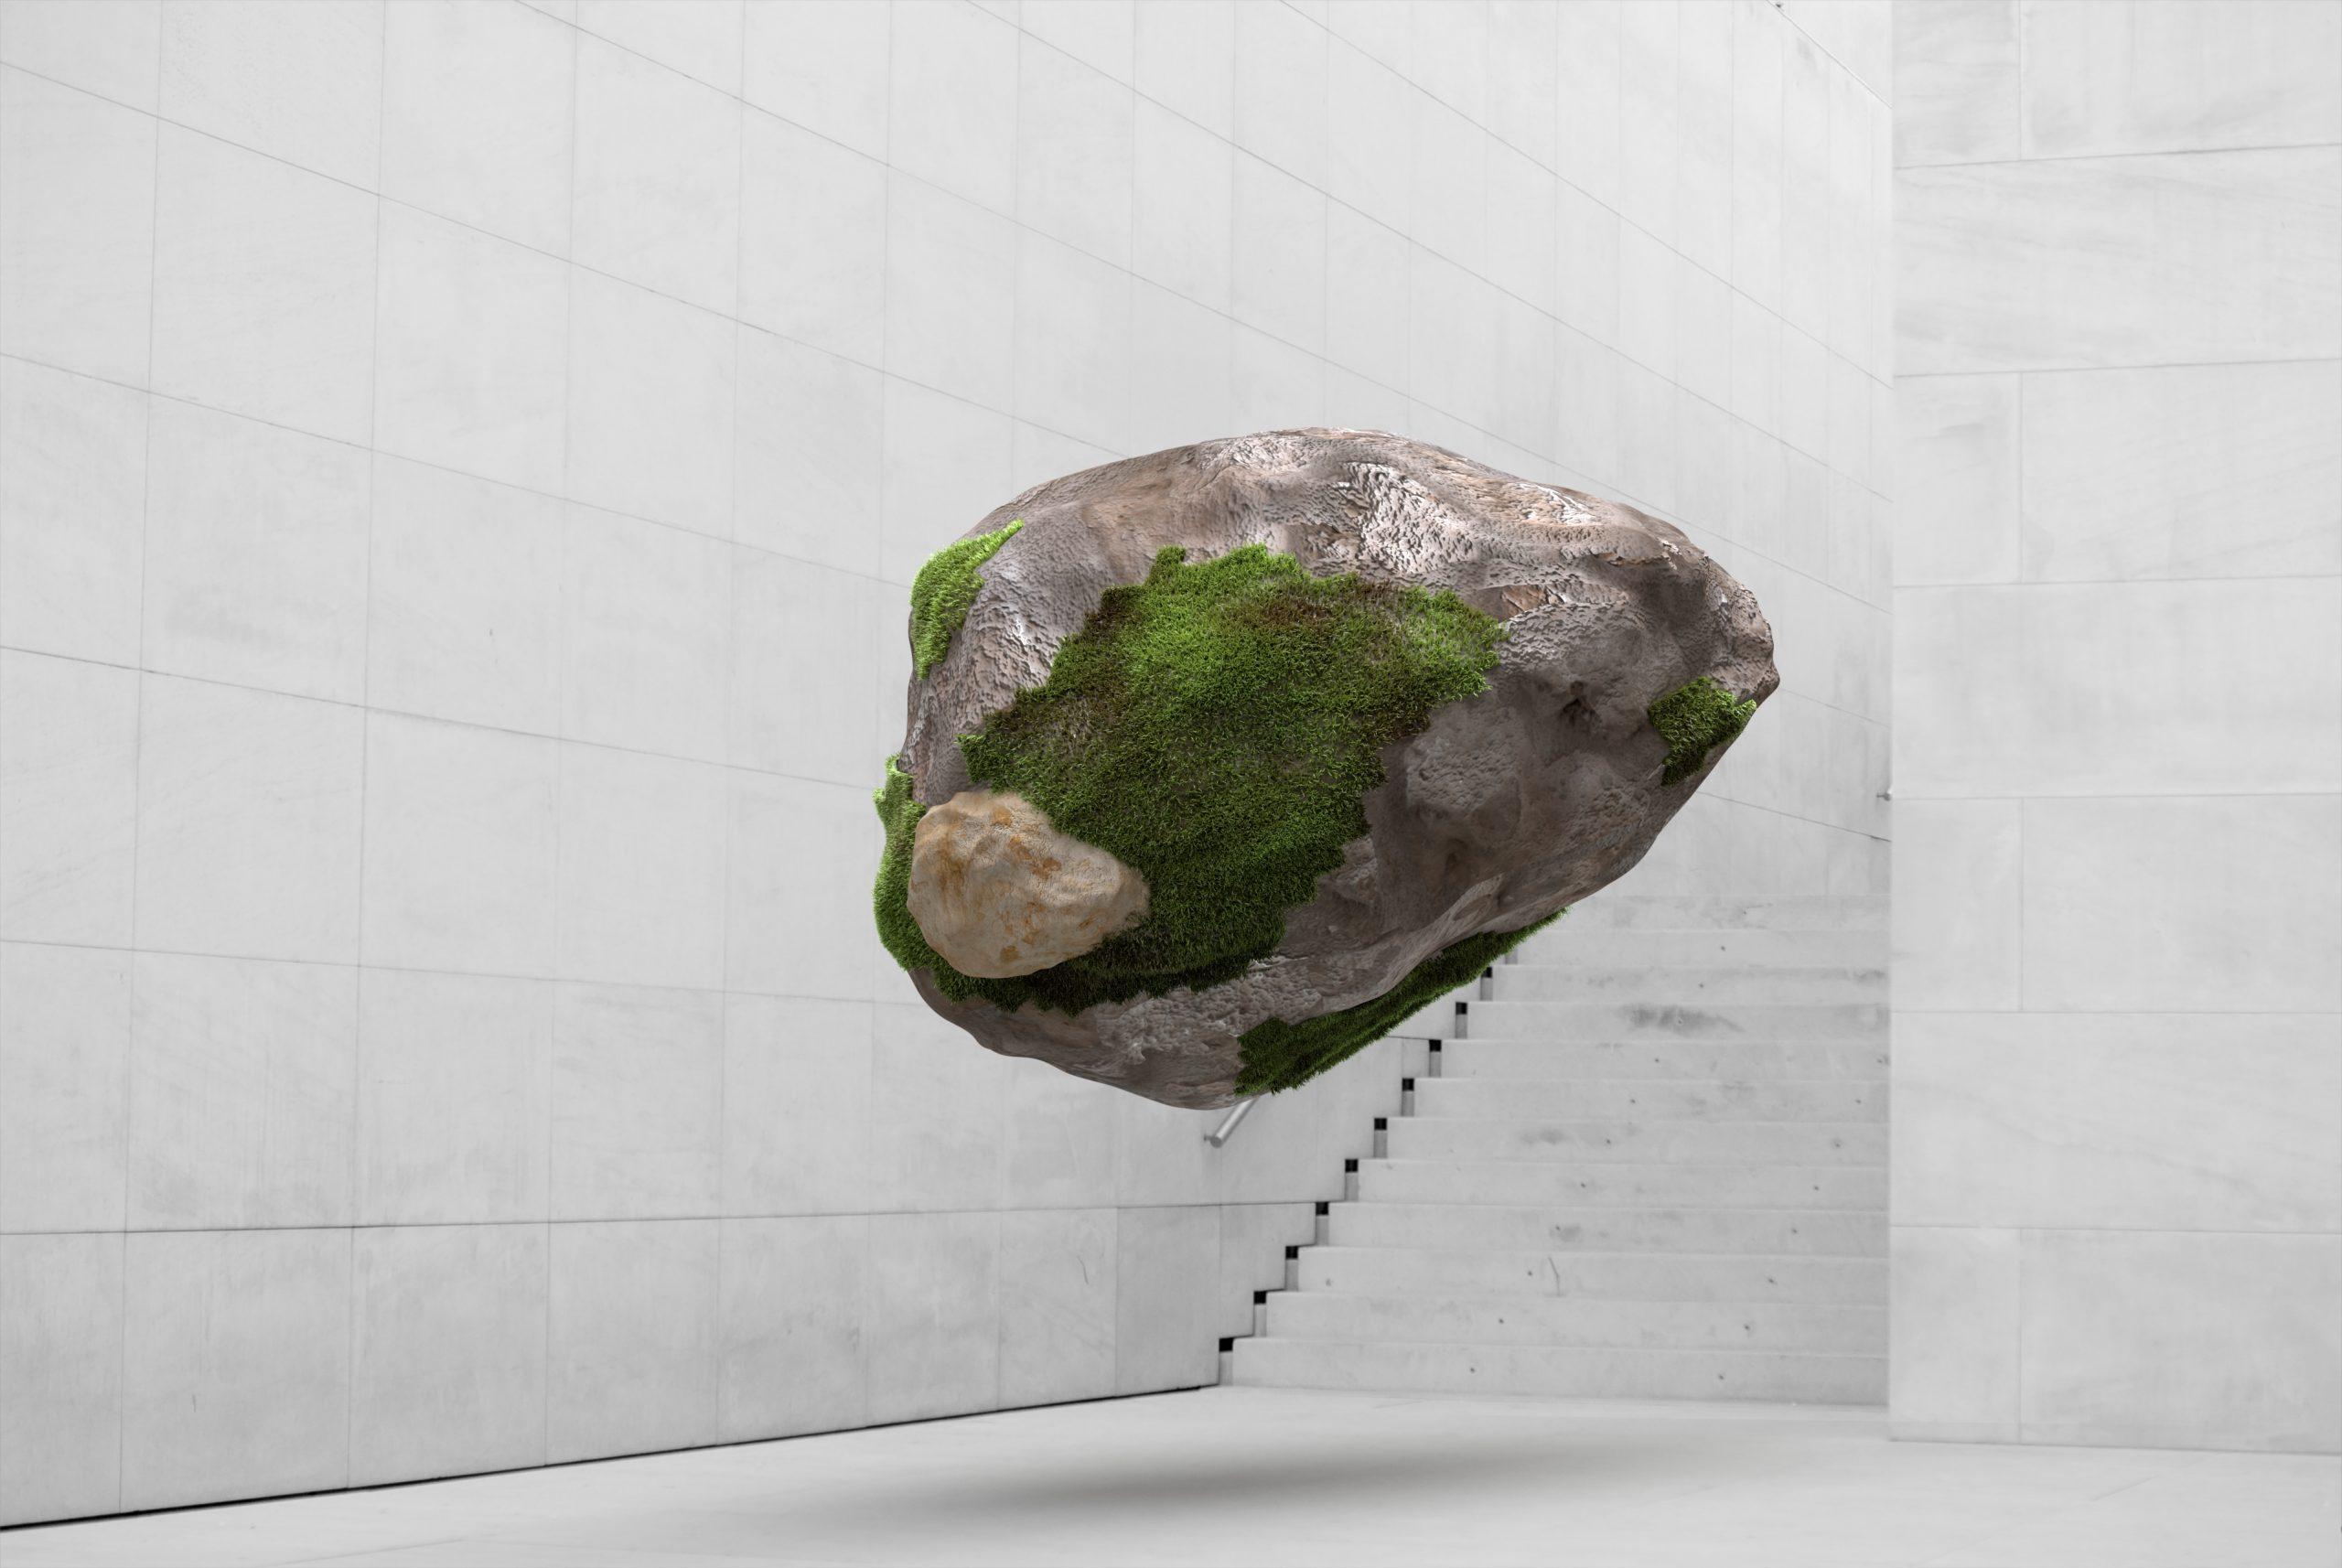 C4DtoA-Alien-Rock-1